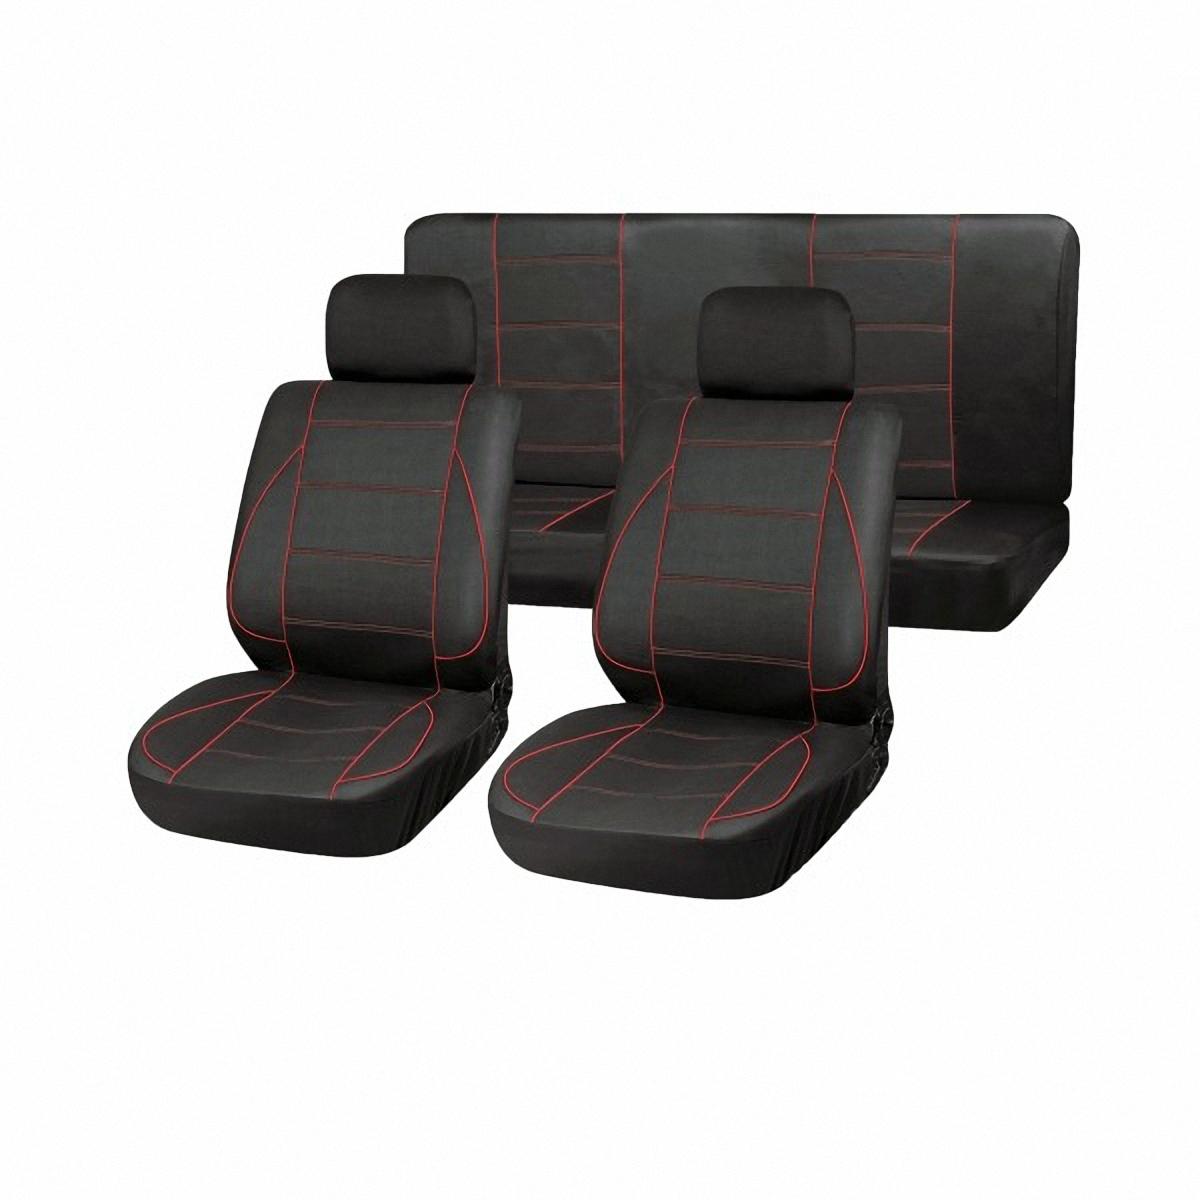 Чехлы автомобильные Skyway. SW-101070 BK/RD/S01301022SW-101070 BK/RD/S01301022Комплект классических универсальных автомобильных чехлов Skyway изготовлен из полиэстера. Чехлы защитят обивку сидений от вытирания и выцветания. Благодаря структуре ткани, обеспечивается улучшенная вентиляция кресел, что позволяет сделать более комфортными долгое пребывание за рулем во время дальней поездки.